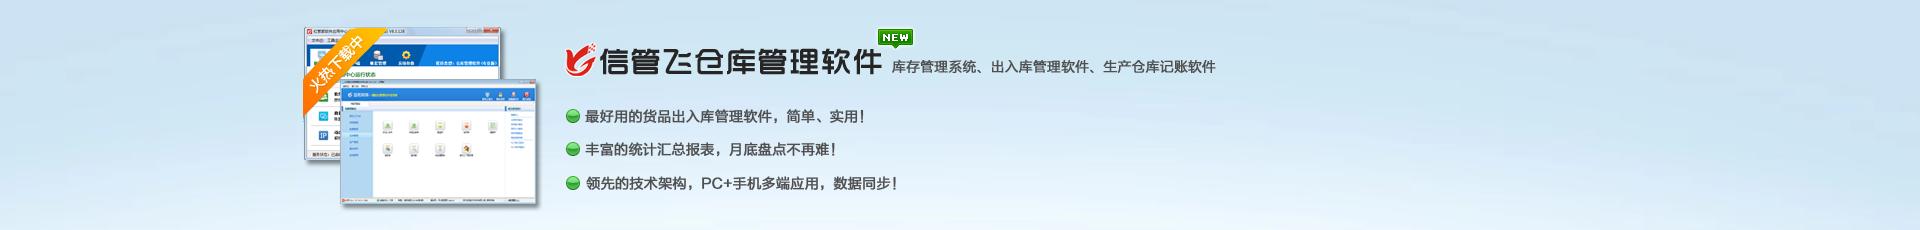 信管飞仓库管理软件V9.2.463发布